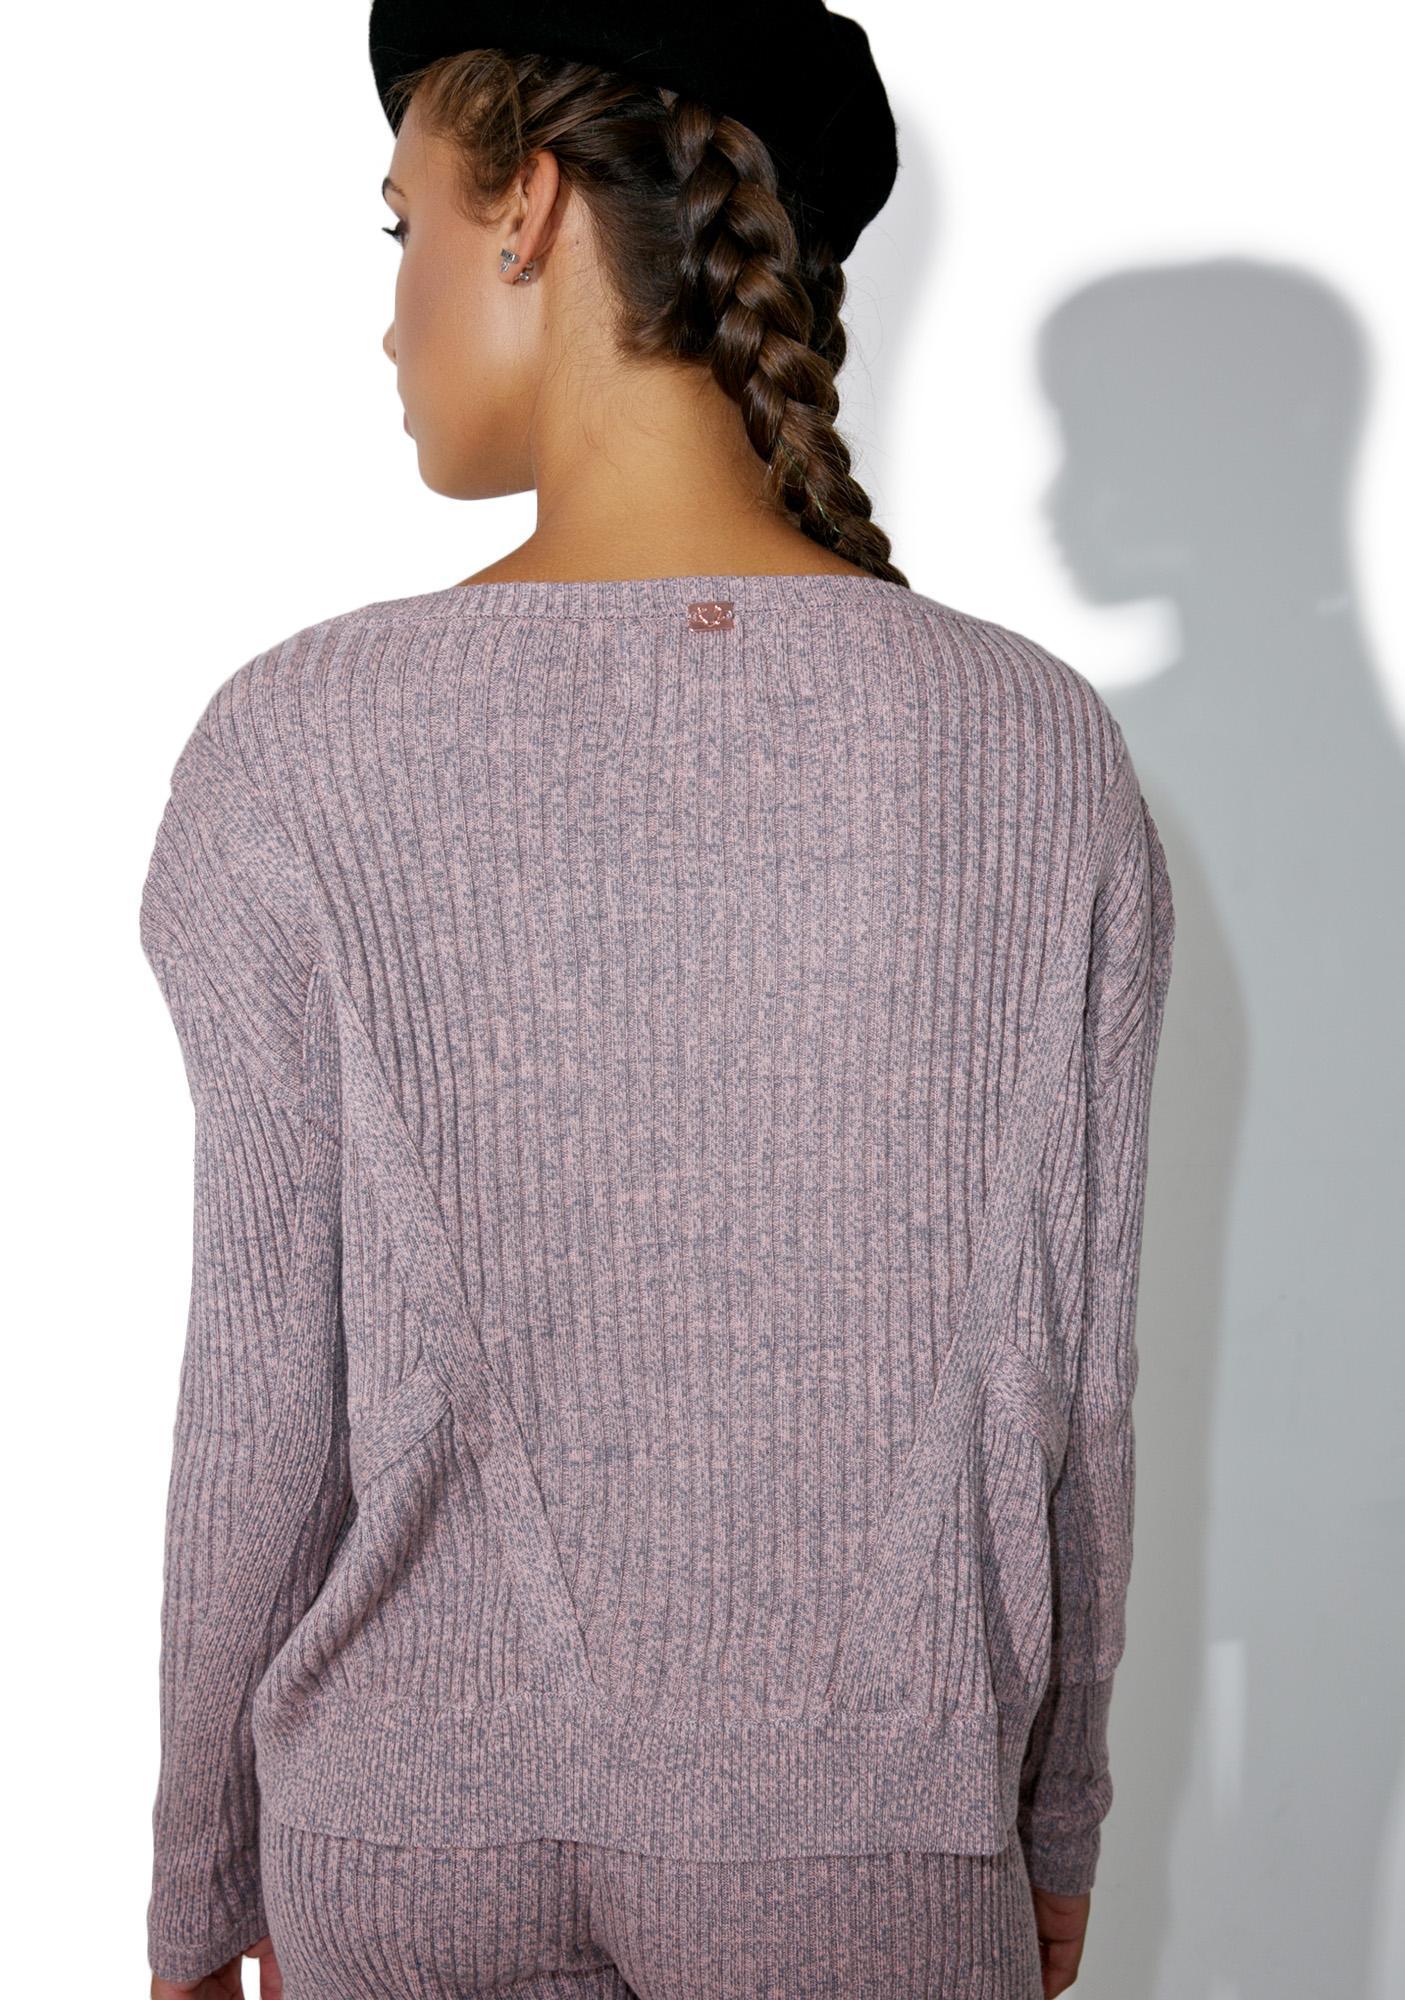 For Love & Lemons Lafayette Pull Over Sweater